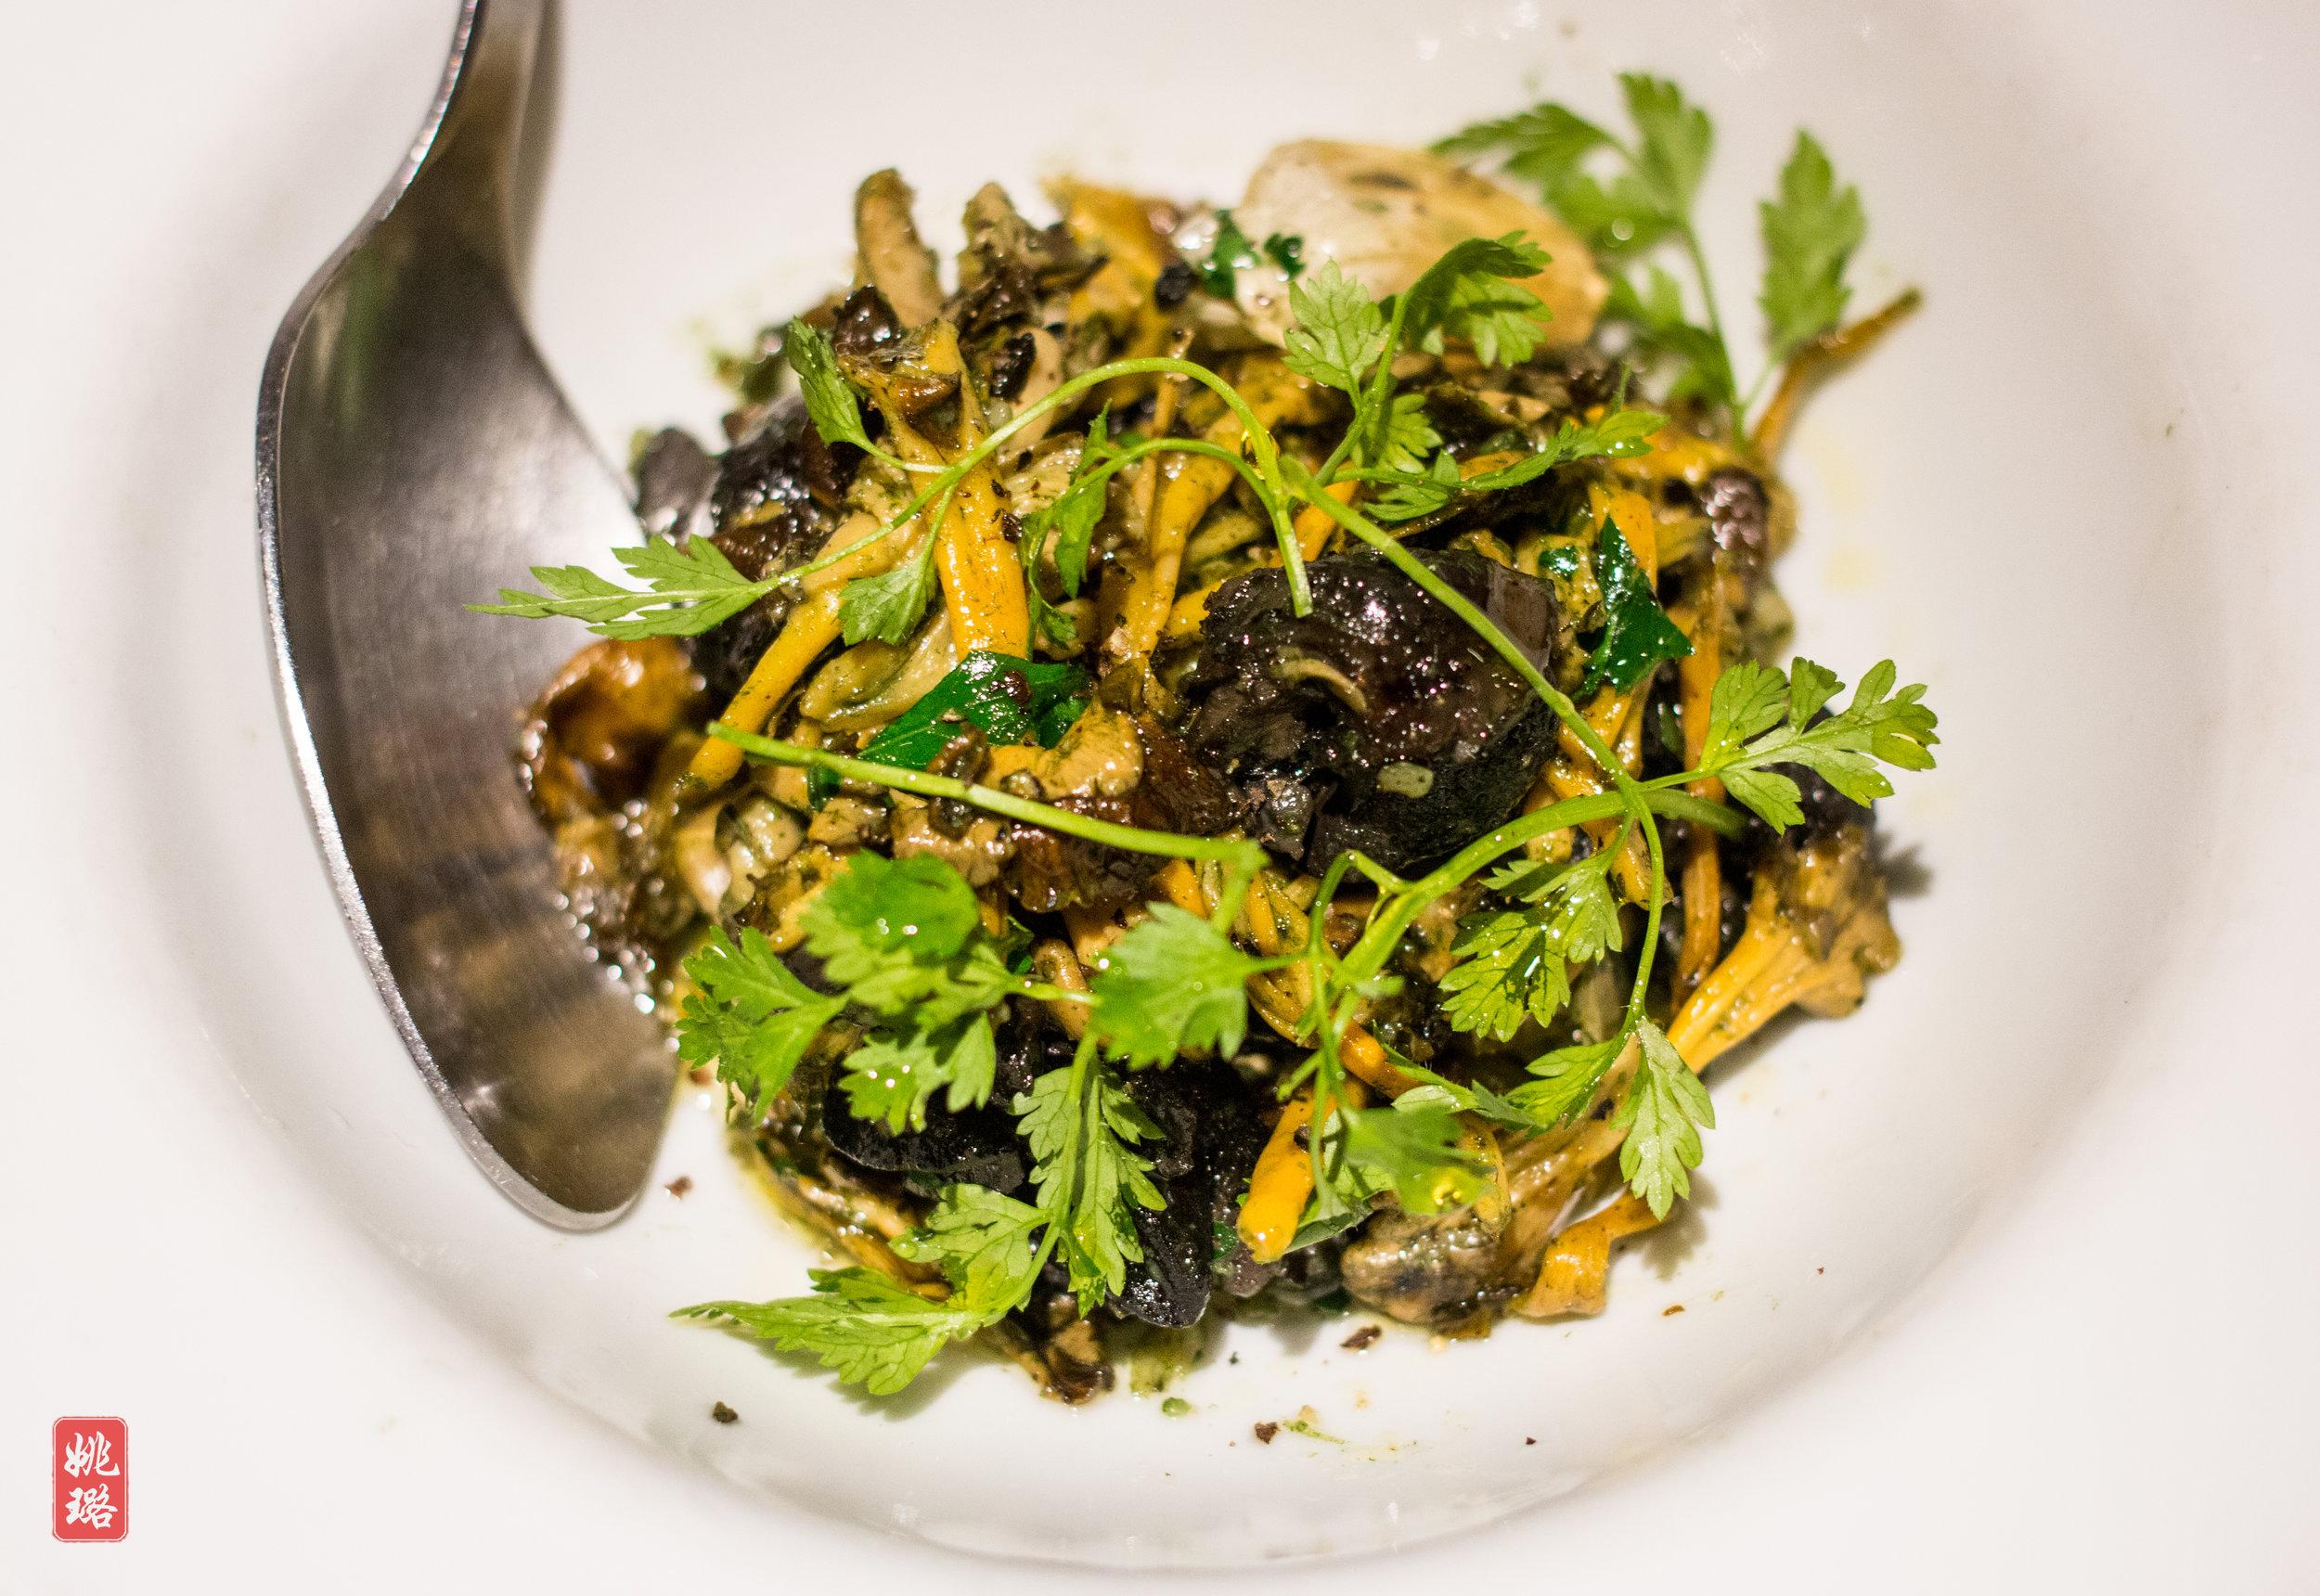 IMG_8670 Neighborhood - Yellow chanterelle mushrooms with escargot.jpg